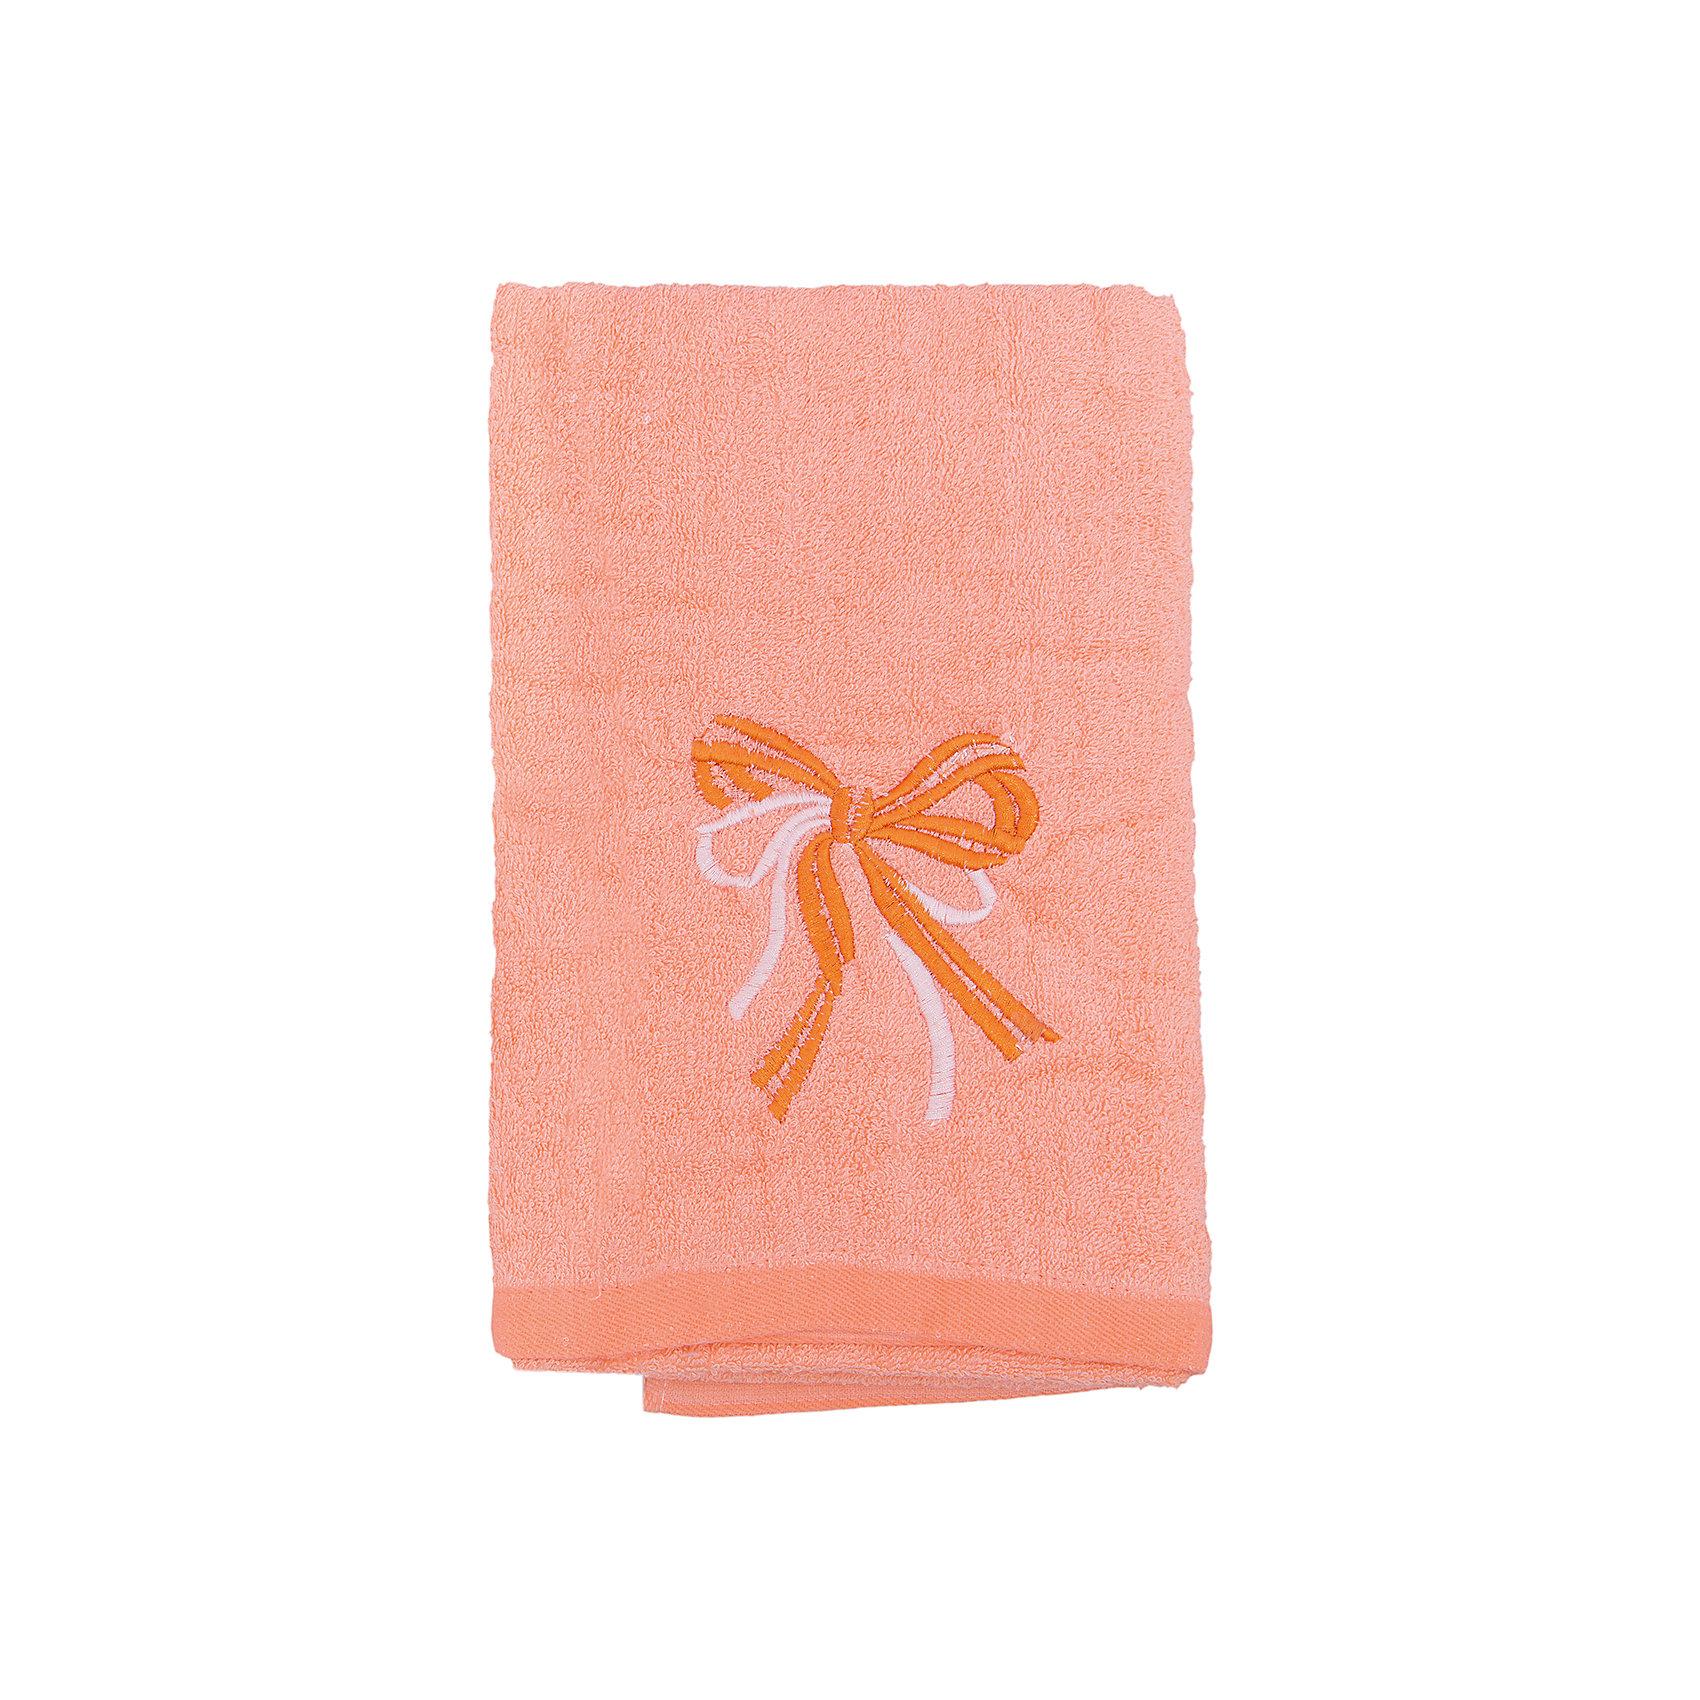 Полотенце махровое Бантик 60*130, Любимый дом, персиковыйМахровое полотенце Бантик изготовлено из качественного хлопка. Отлично впитывает влагу, сохраняет цвет после стирок и дарит вашей коже комфорт после водных процедур. Полотенце украшено вышивкой в виде бантиков. <br><br>Дополнительная информация:<br>Цвет: персиковый<br>Материал: 100% хлопок<br>Размер: 60х130 см<br>Торговая марка: Любимый дом<br><br>Купить махровое полотенце Бантик можно в нашем интернет-магазине.<br><br>Ширина мм: 500<br>Глубина мм: 500<br>Высота мм: 200<br>Вес г: 300<br>Возраст от месяцев: 0<br>Возраст до месяцев: 144<br>Пол: Унисекс<br>Возраст: Детский<br>SKU: 5010966